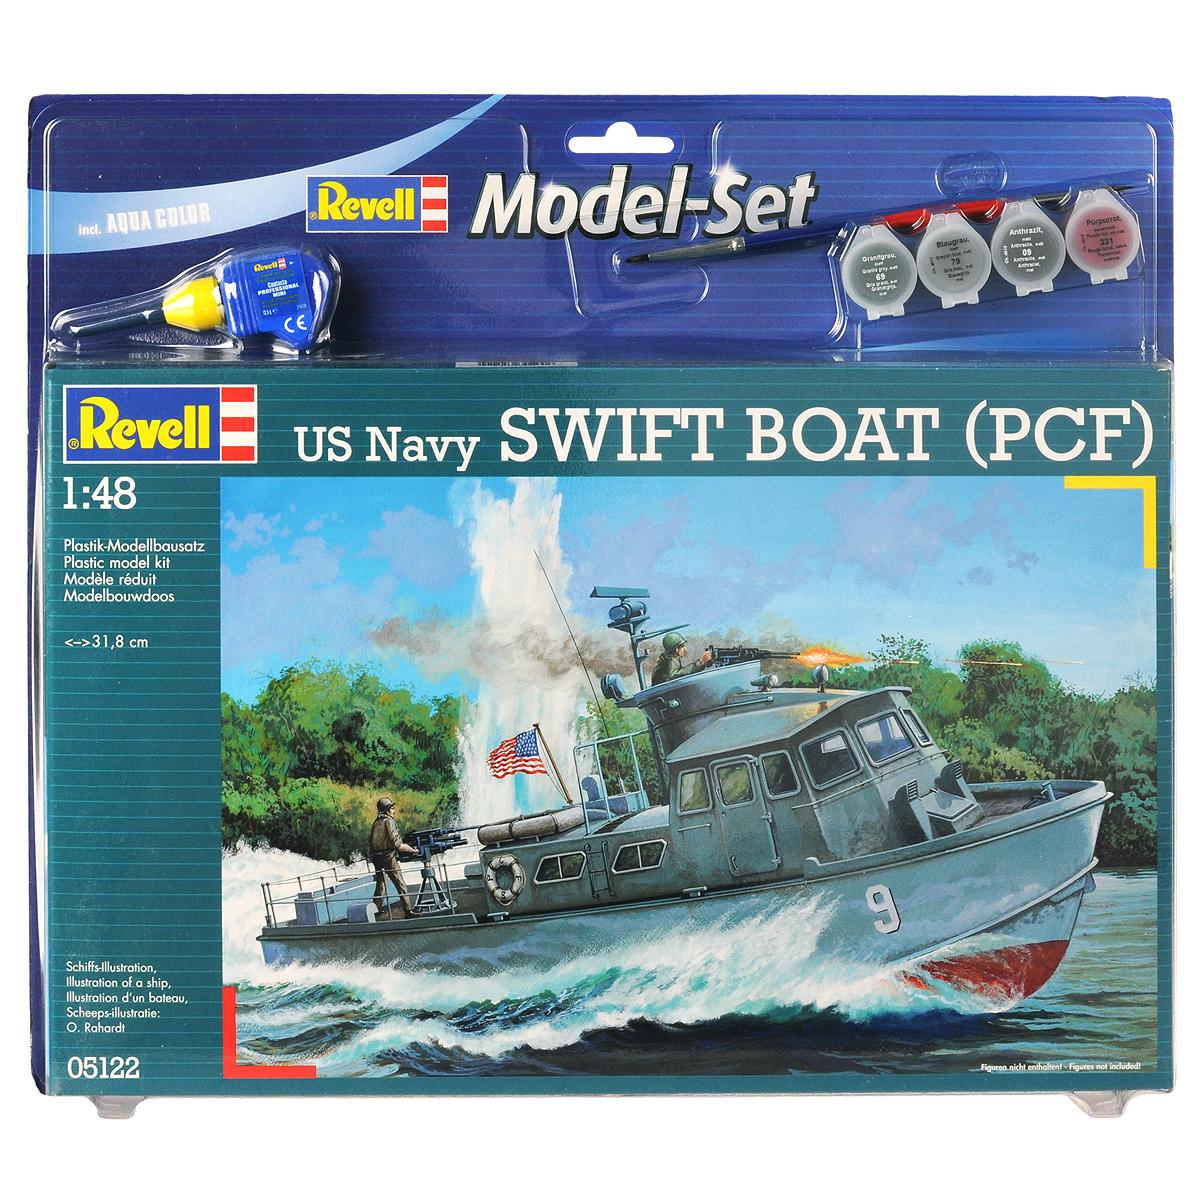 Набор для сборки и раскрашивания модели Revell Плоскодонное судно US Navy Swift Boat (PCF)05122Набор для сборки и раскрашивания модели Revell Плоскодонное судно US Navy Swift Boat (PCF) вы и ваш ребенок сможете собрать уменьшенную копию одноименного судна и раскрасить ее. Плоскодонное судно US Navy Swift Boat известно как быстрая лодка. Длина 15 м, низкая осадка. Эксплуатировалась ВМС США. Применялась во Вьетнаме и внутренних водах Миконга. Набор включает в себя 62 пластиковых элемента для сборки модели, краски четырех цветов, клей, двустороннюю кисточку и схематичную инструкцию по сборке. Благодаря набору ваш ребенок научится различать цвета, творчески решать поставленные задачи, разовьет интеллектуальные и инструментальные способности, воображение, конструктивное мышление, внимание, терпение и кругозор. Уровень сложности: 3.